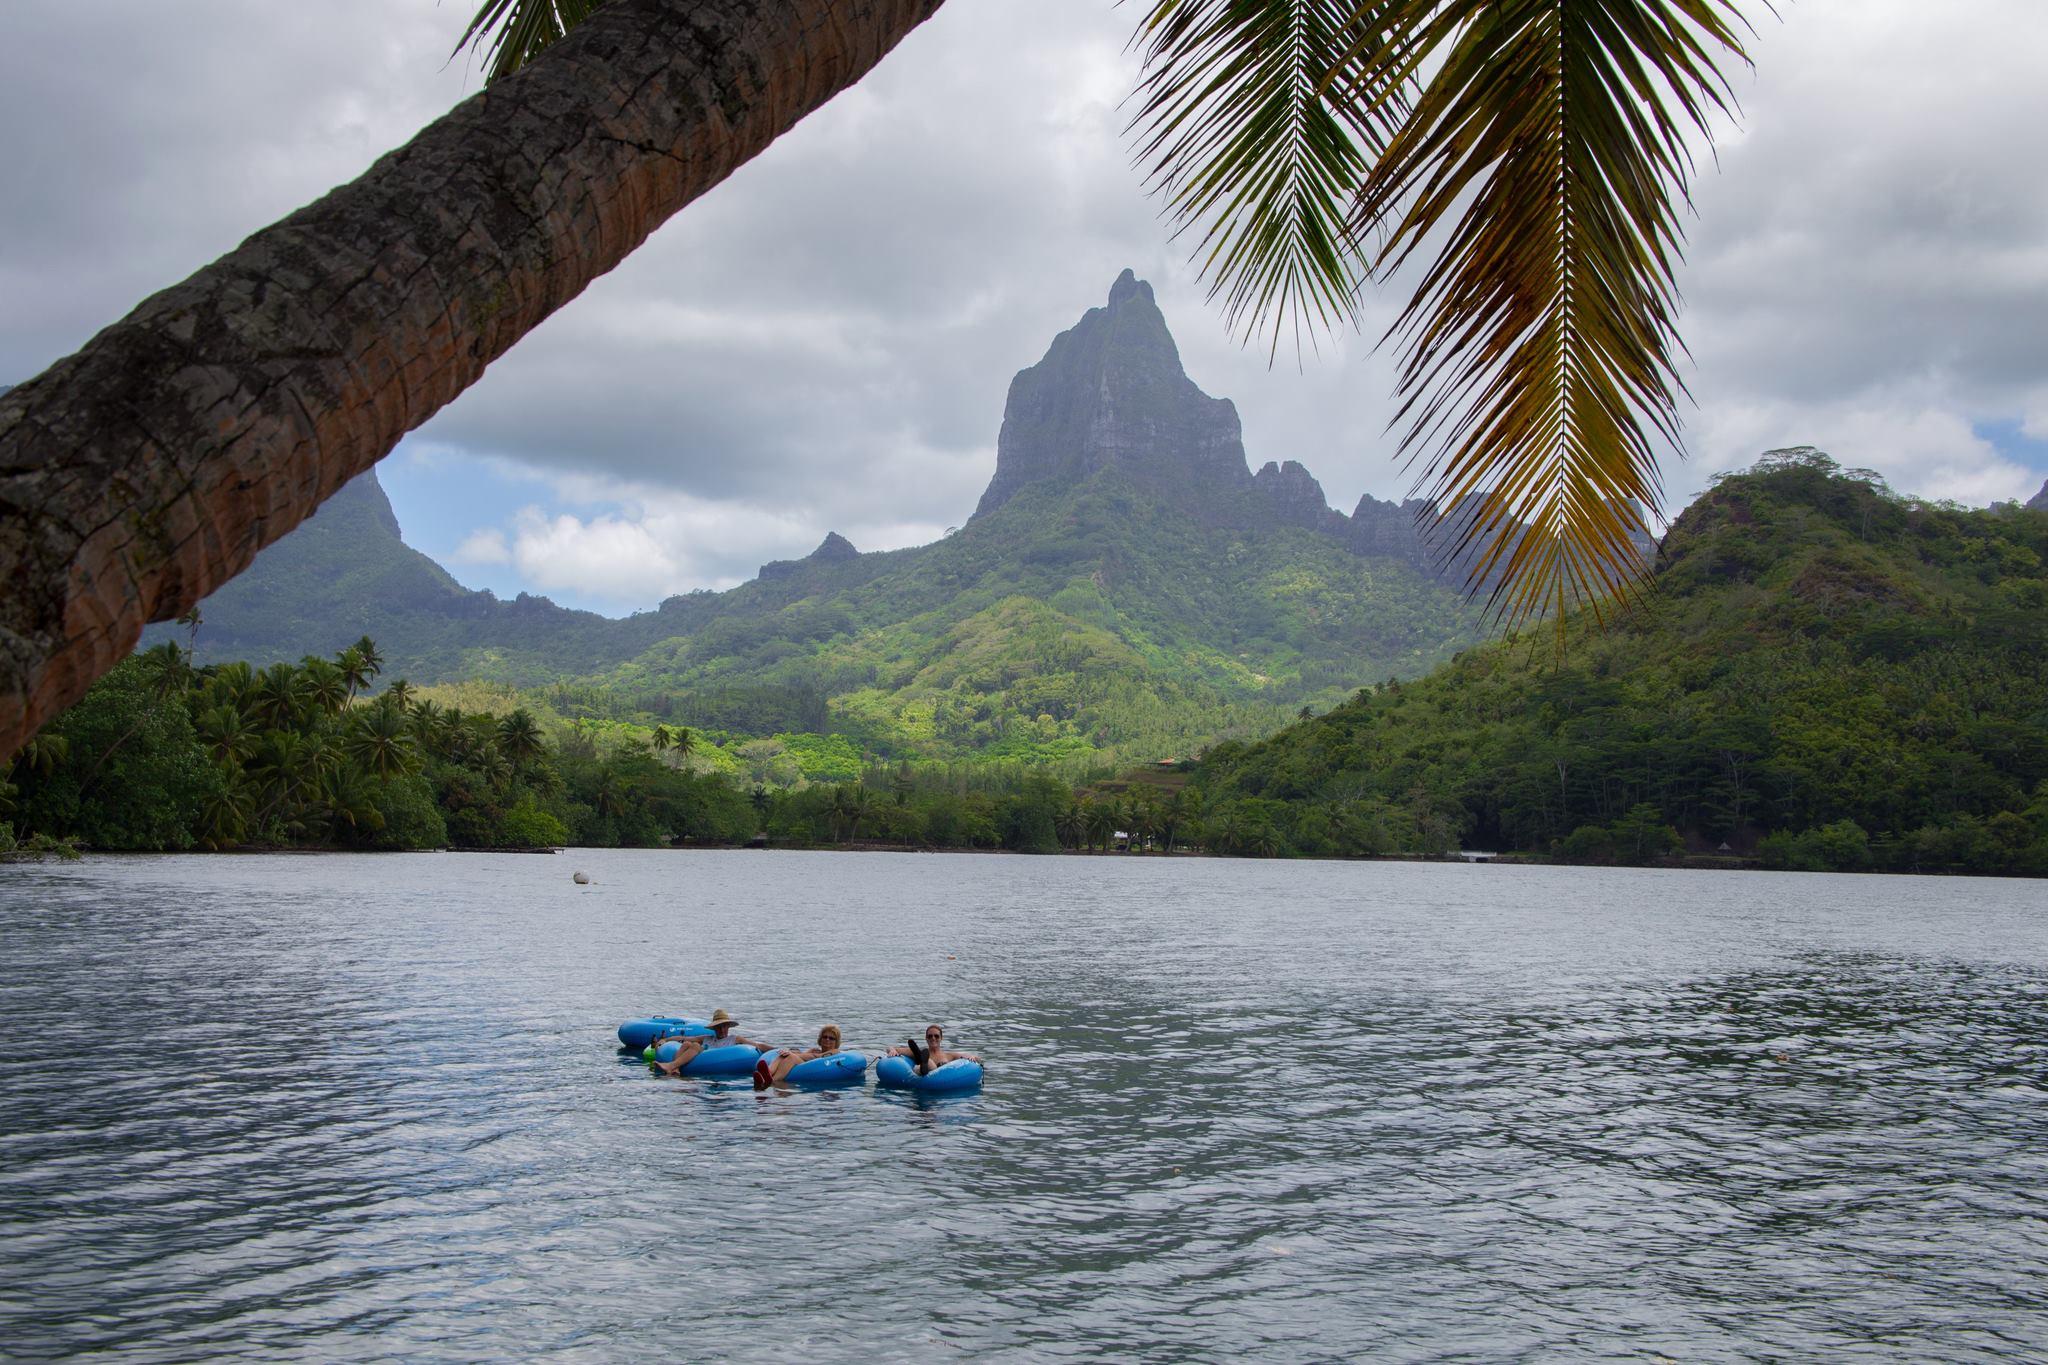 floating on intertubes in Opunohu Bay, Moorea